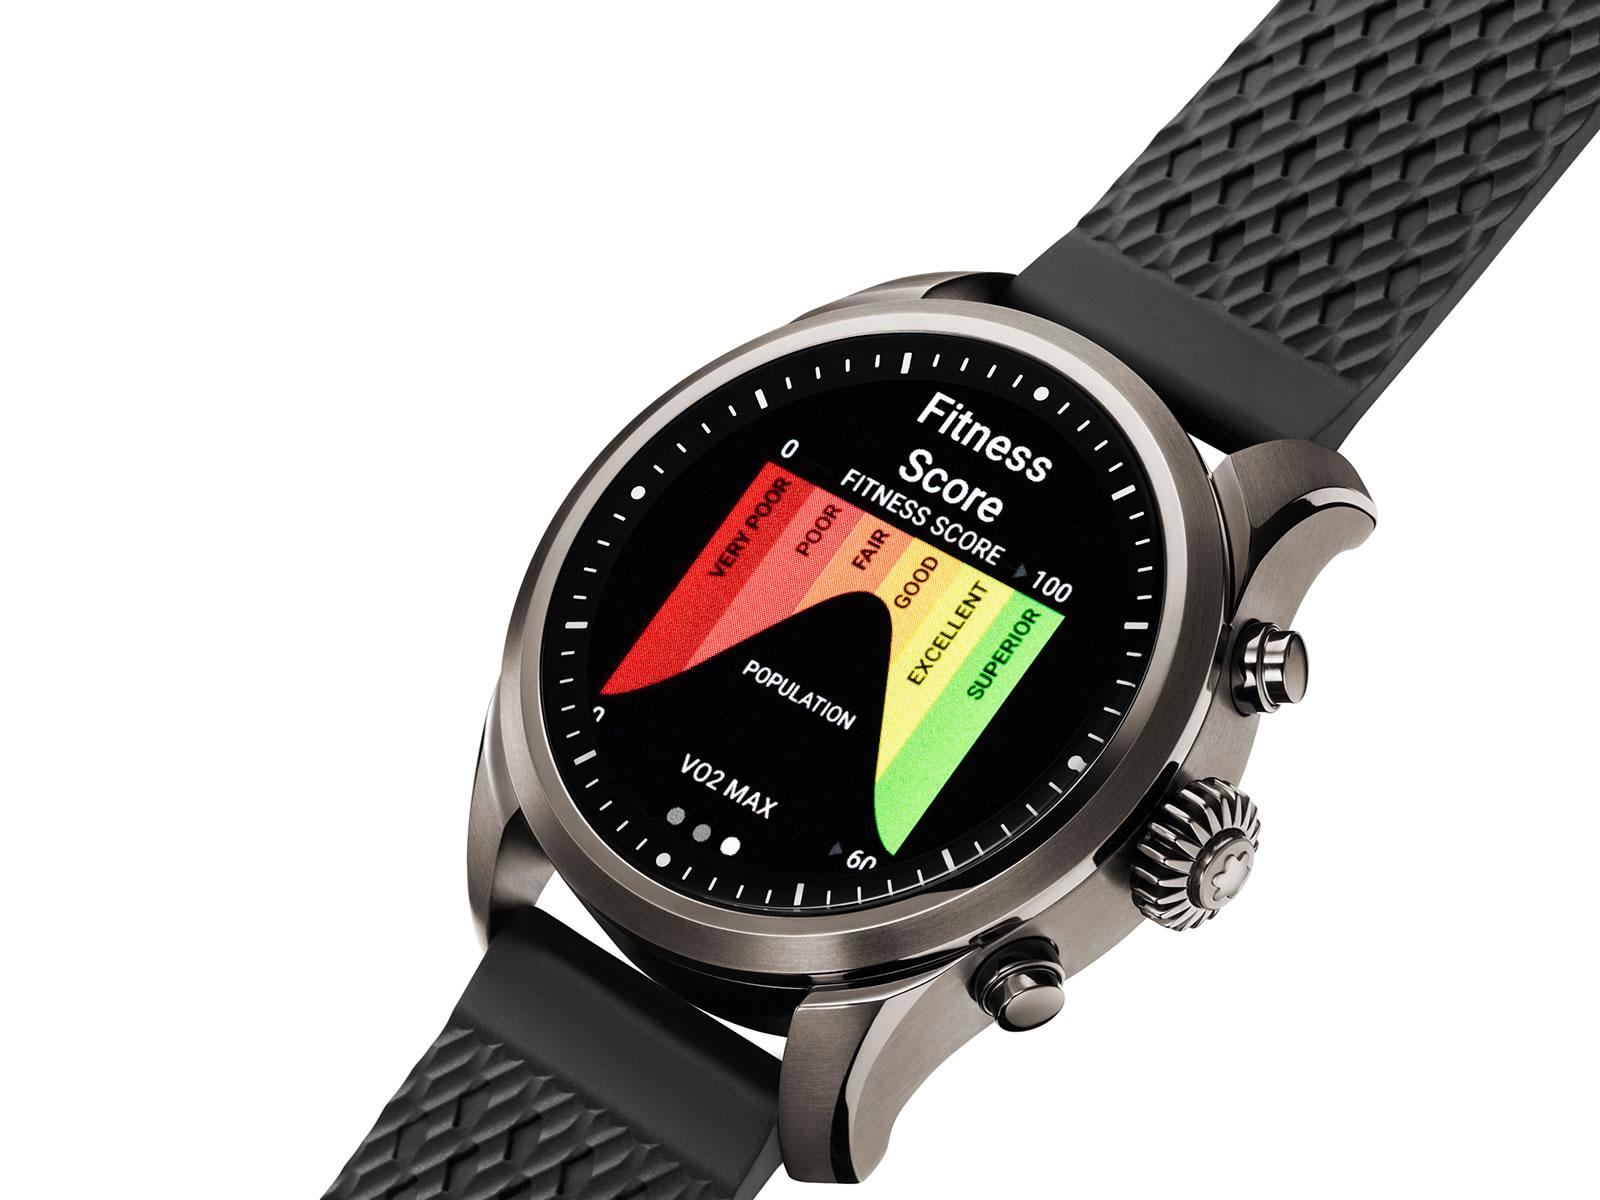 montblanc-summit-2-smartwatch-8-.jpg